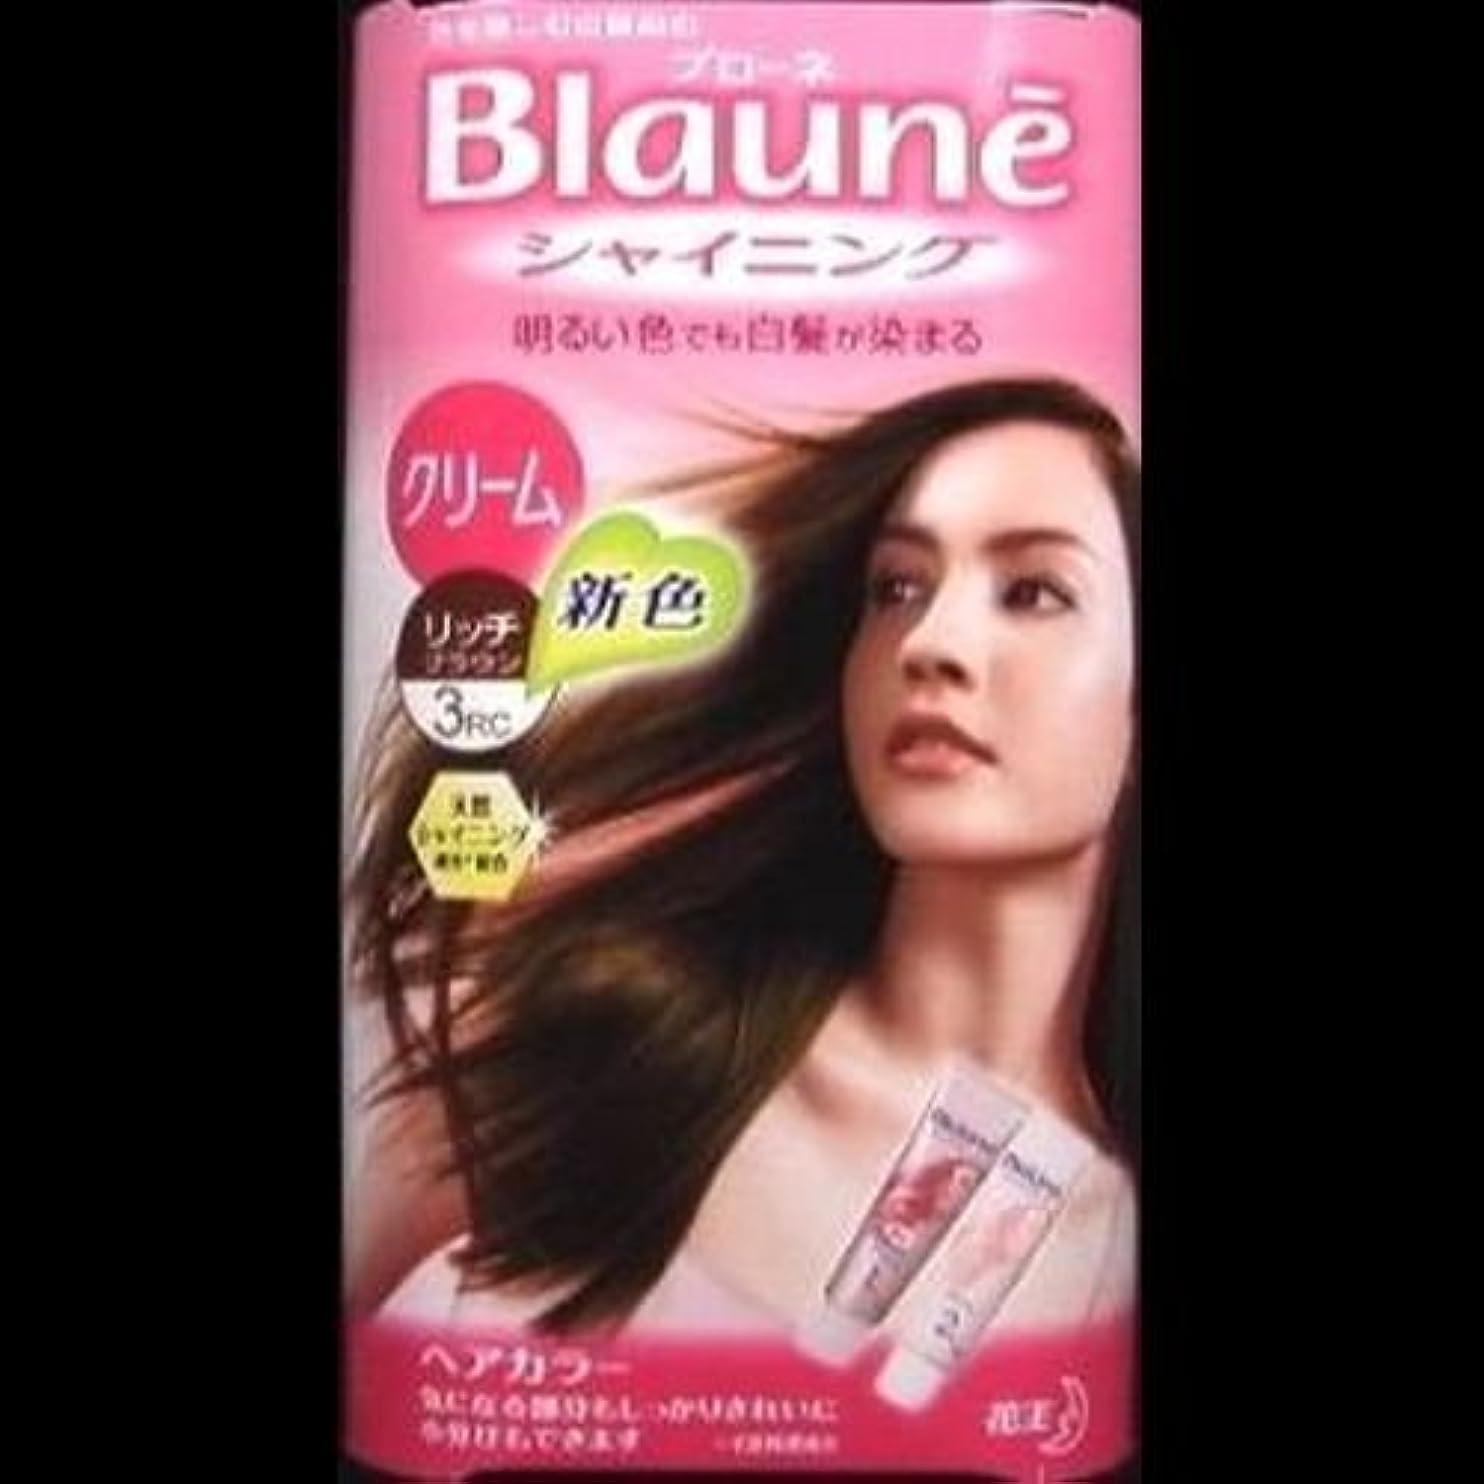 補充終了するたらい【まとめ買い】ブローネシャイニングヘアカラークリーム 3RC リッチブラウン ×2セット